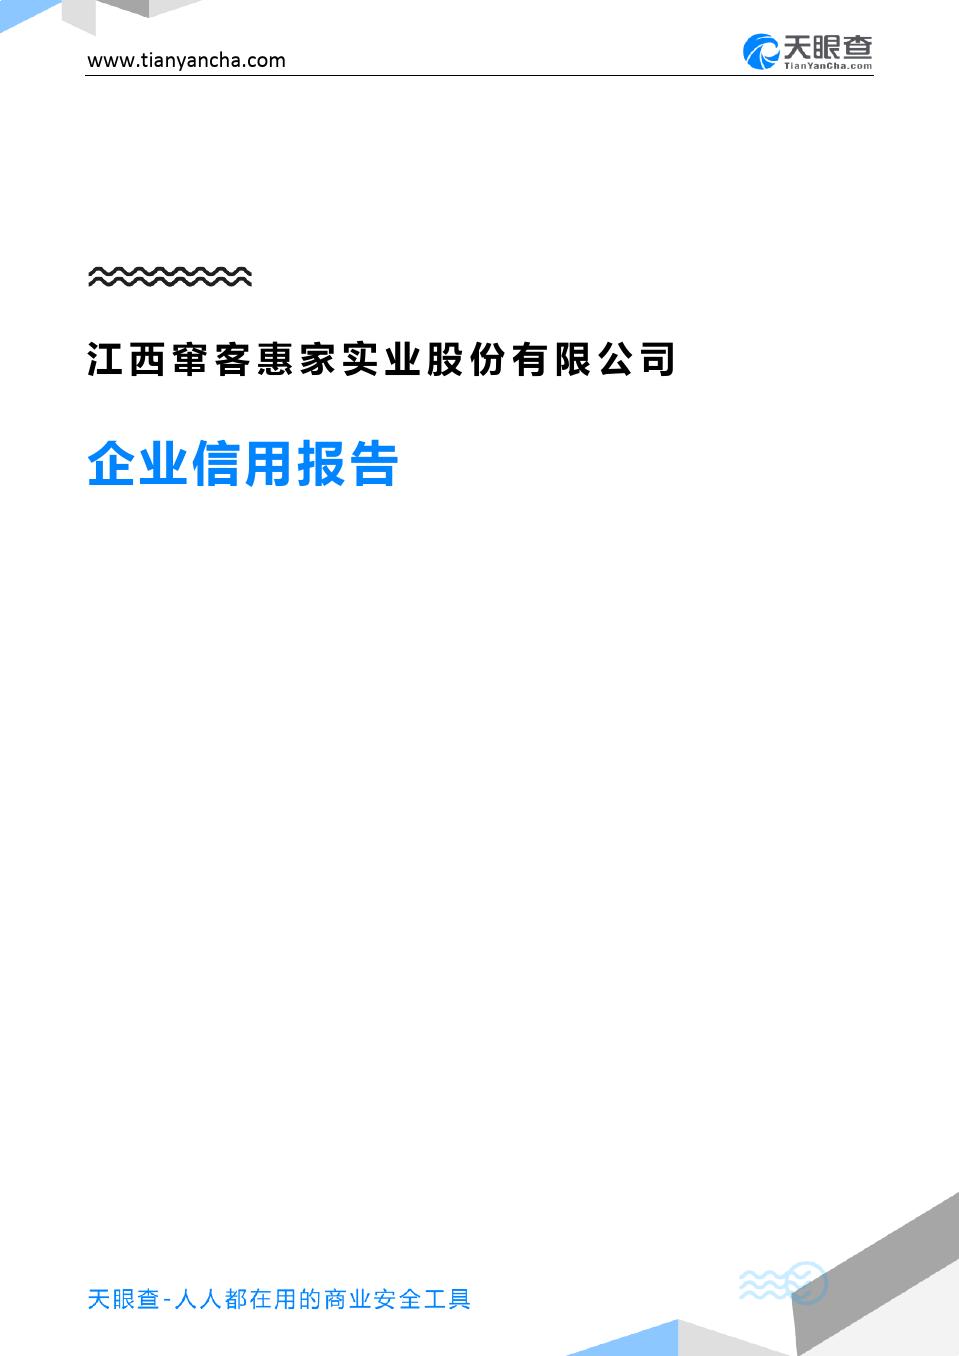 江西窜客惠家实业股份有限公司(企业信用报告)- 天眼查